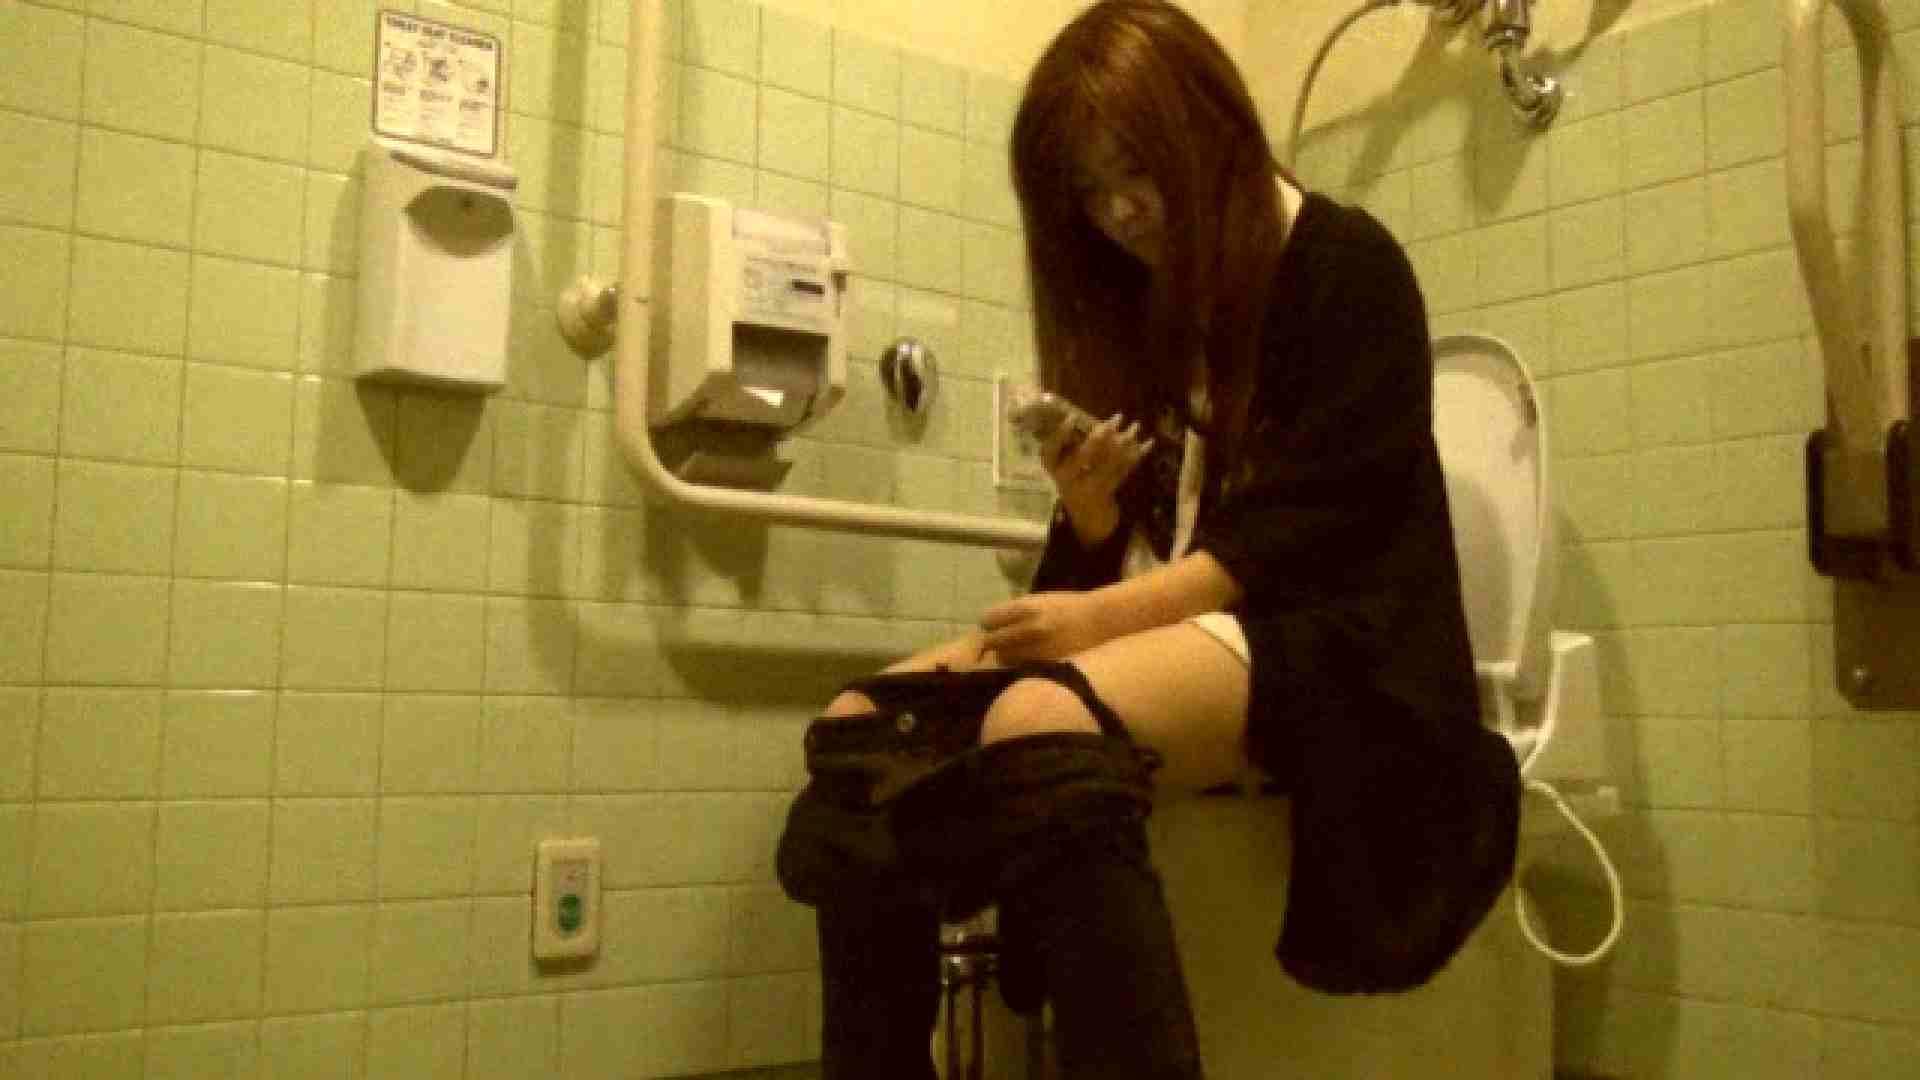 魔術師の お・も・て・な・し vol.26 19歳のバーの店員さんの洗面所をしばし… 洗面所 隠し撮りおまんこ動画流出 90pic 62